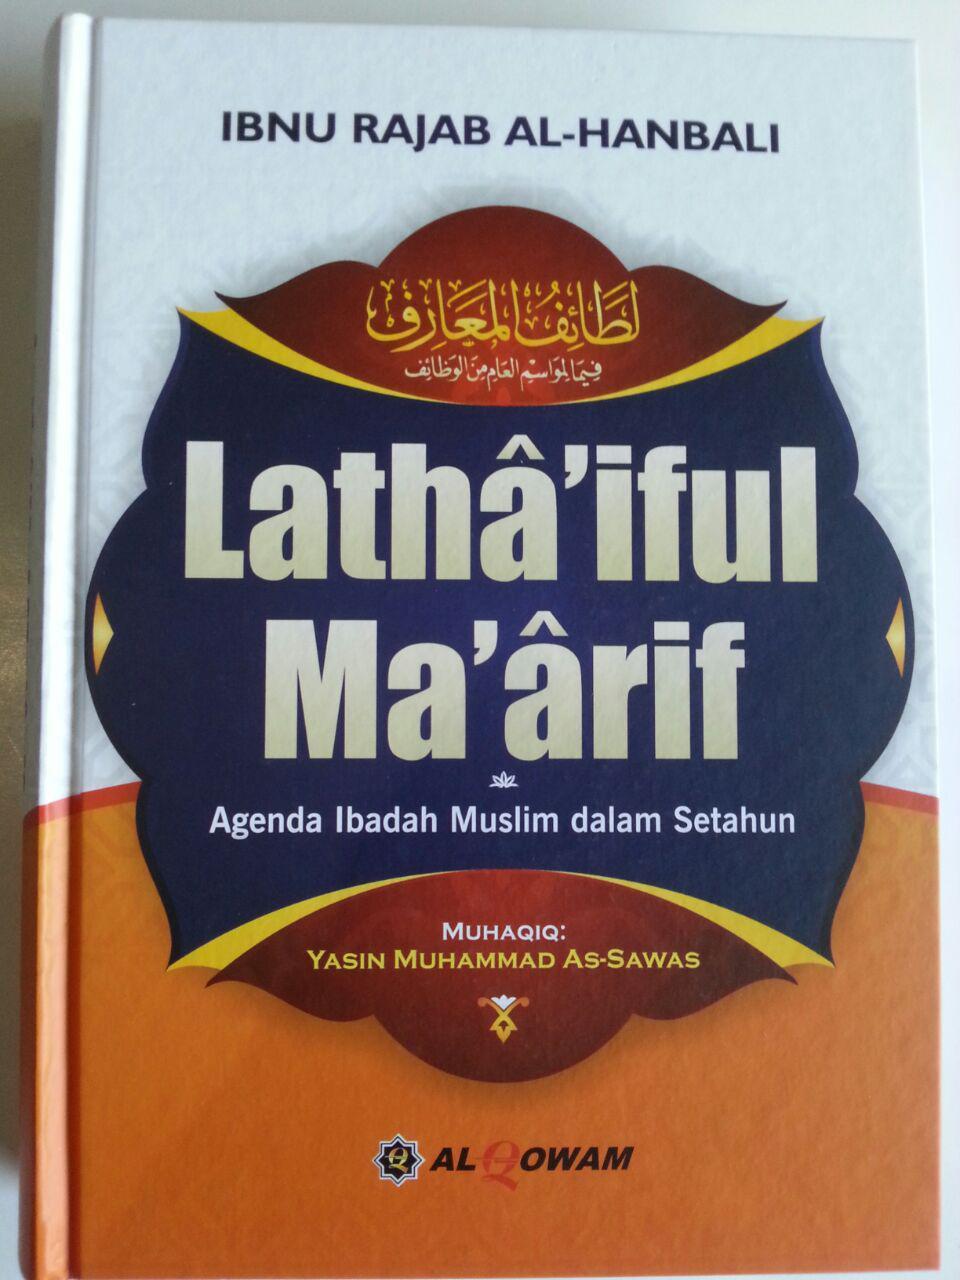 Buku Lathaiful Maarif Agenda Ibadah Muslim Dalam Setahun cover 3